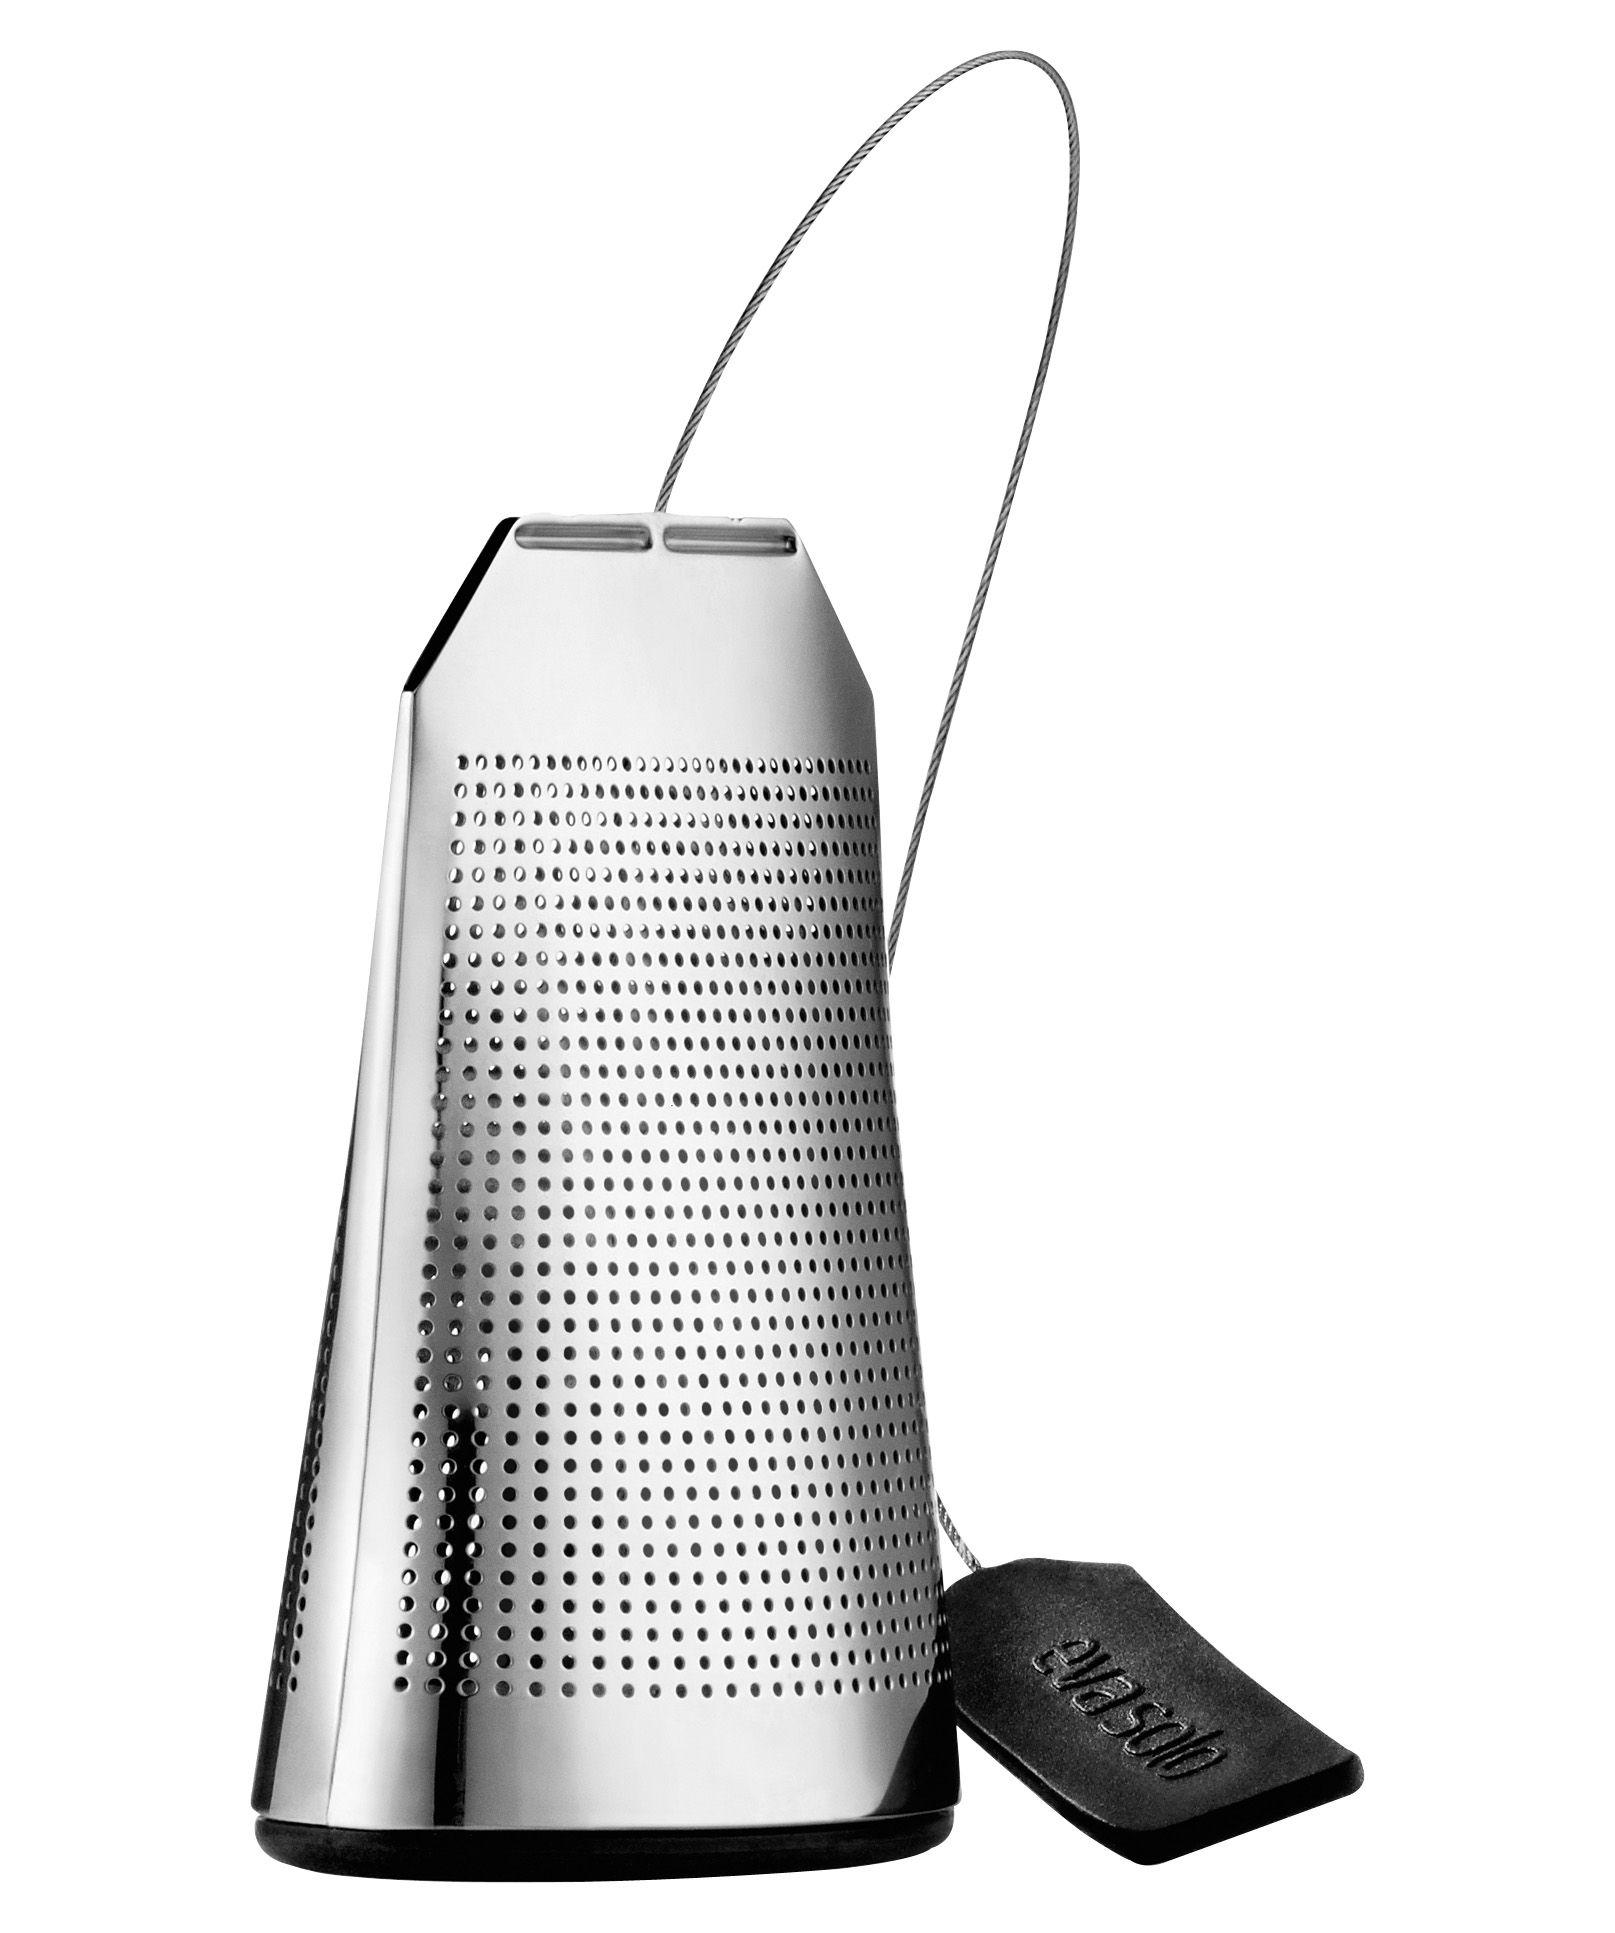 Tavola - Caffè - Filtro da tè Tea bag di Eva Solo - Acciaio - Acciaio inossidabile, Silicone